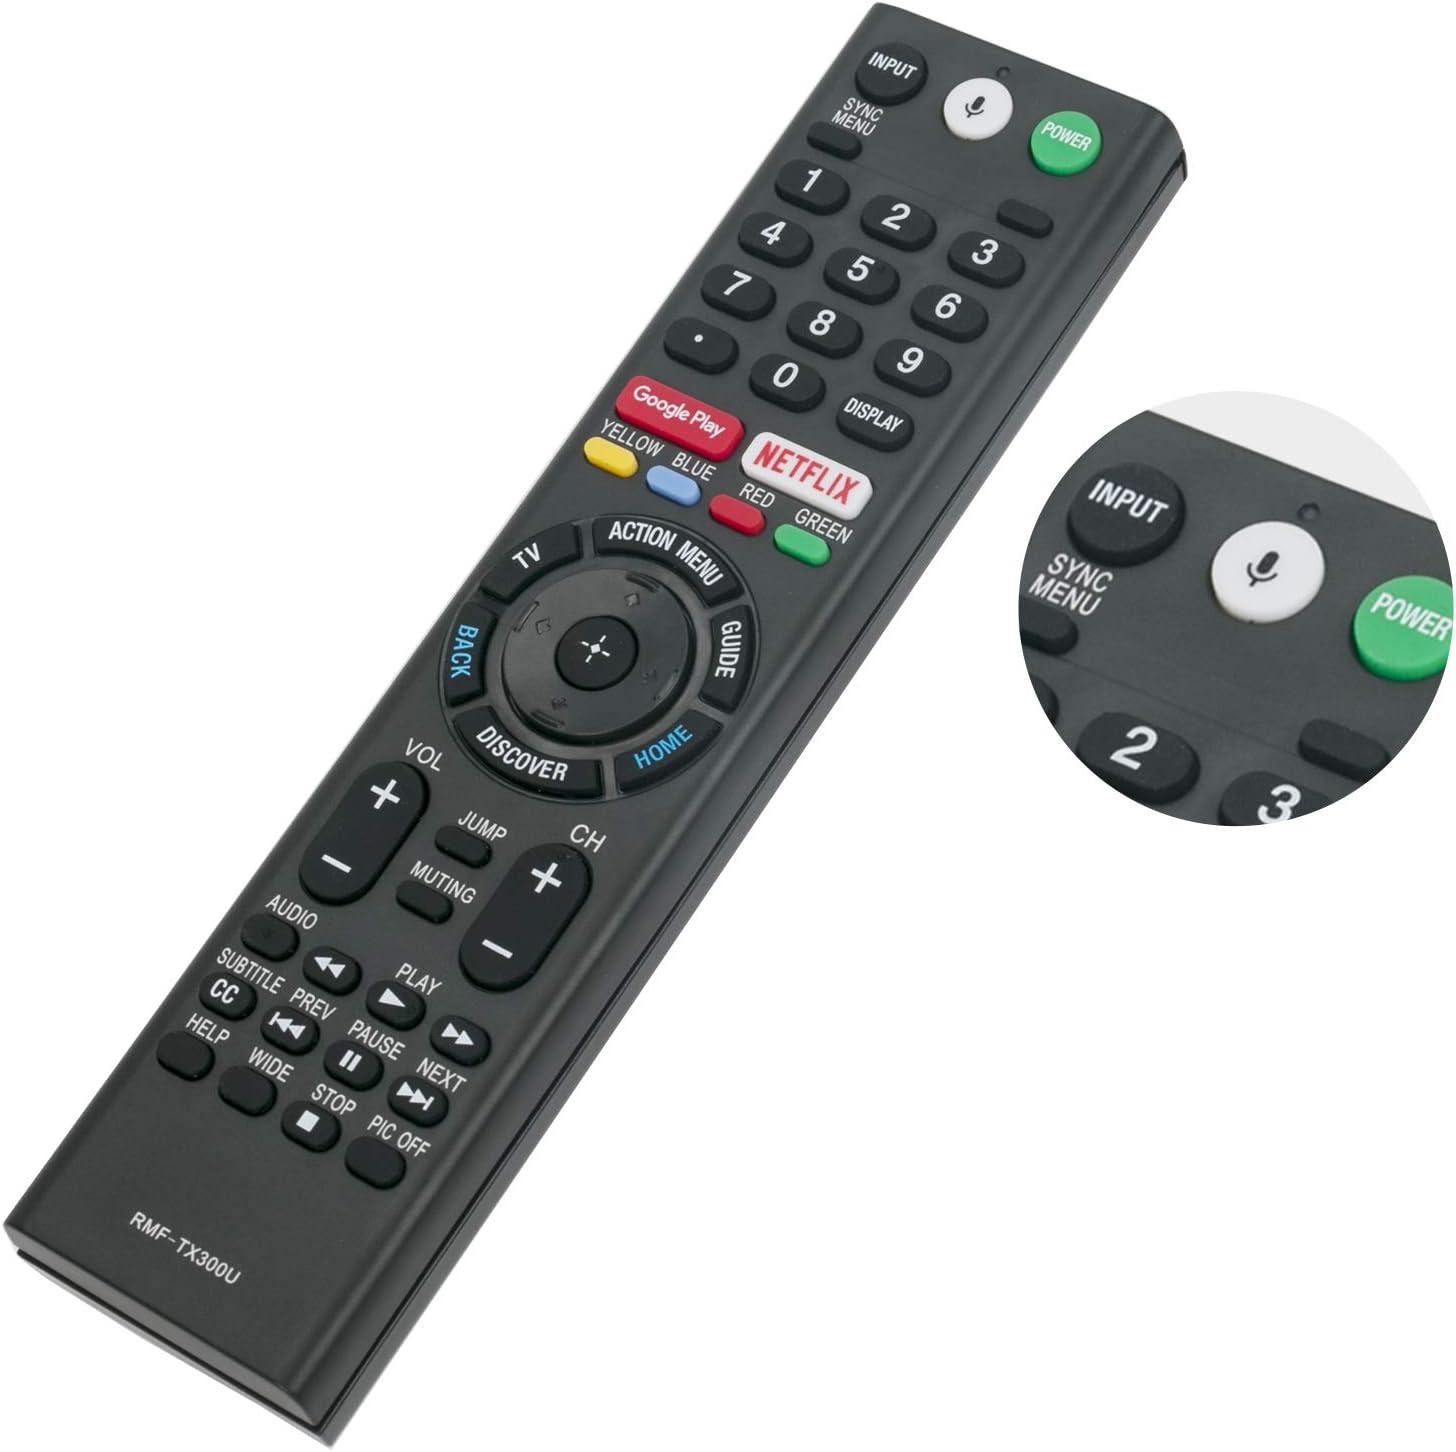 RMF-TX300U - Mando a Distancia con micrófono para Sony 4K Smart LED TV HDTV XBR43X800E XBR-43X800E XBR49X800E XBR-49X800E XBR55X800E XBR-55X800E XBR55X806E XBR-55X806E XBR65X850E XBR-65X850E: Amazon.es: Electrónica